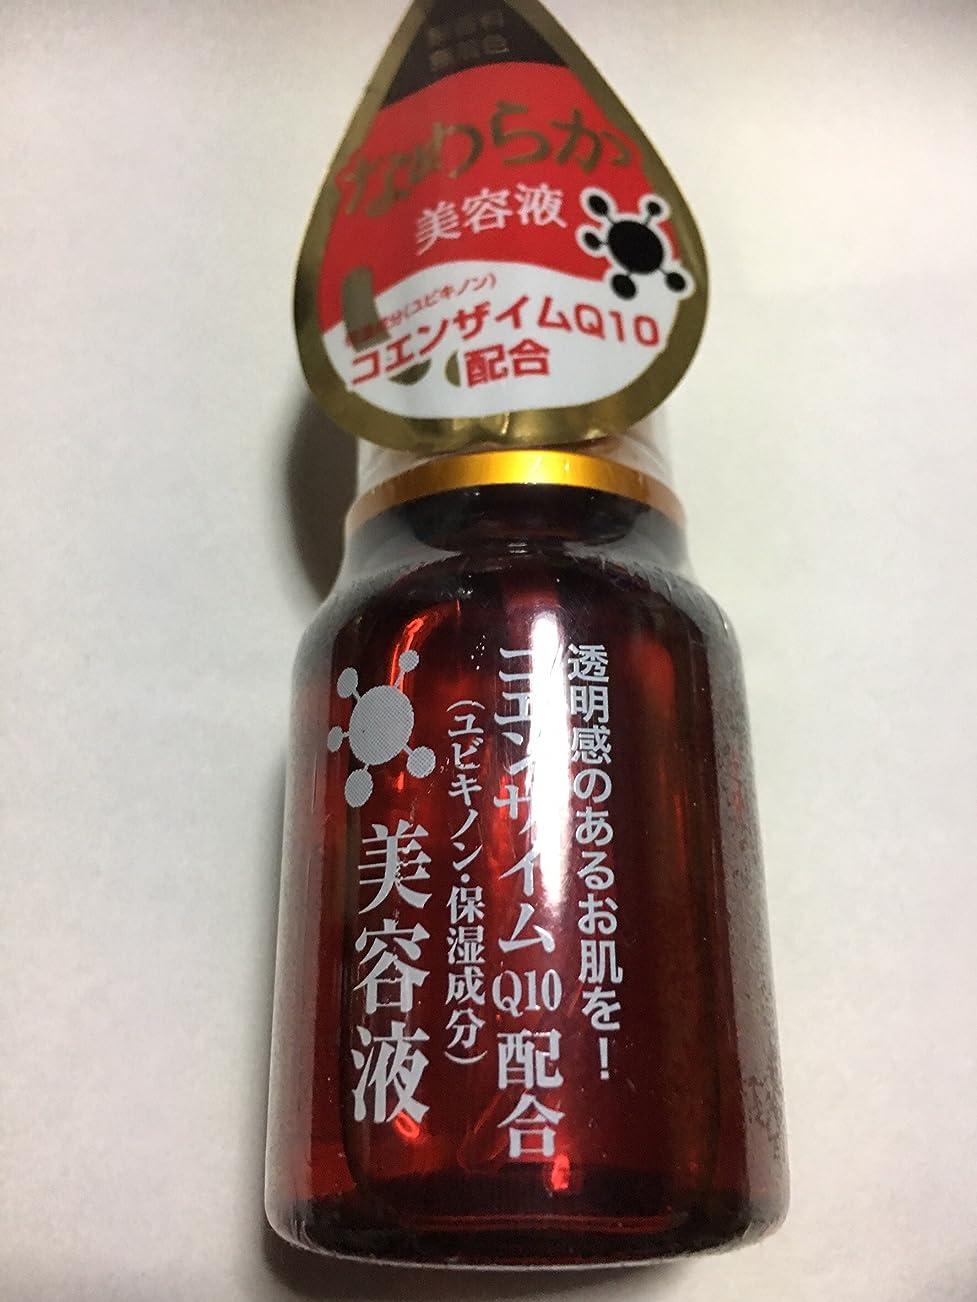 地下鉄端心からDAISO コエンザイムq10美容液